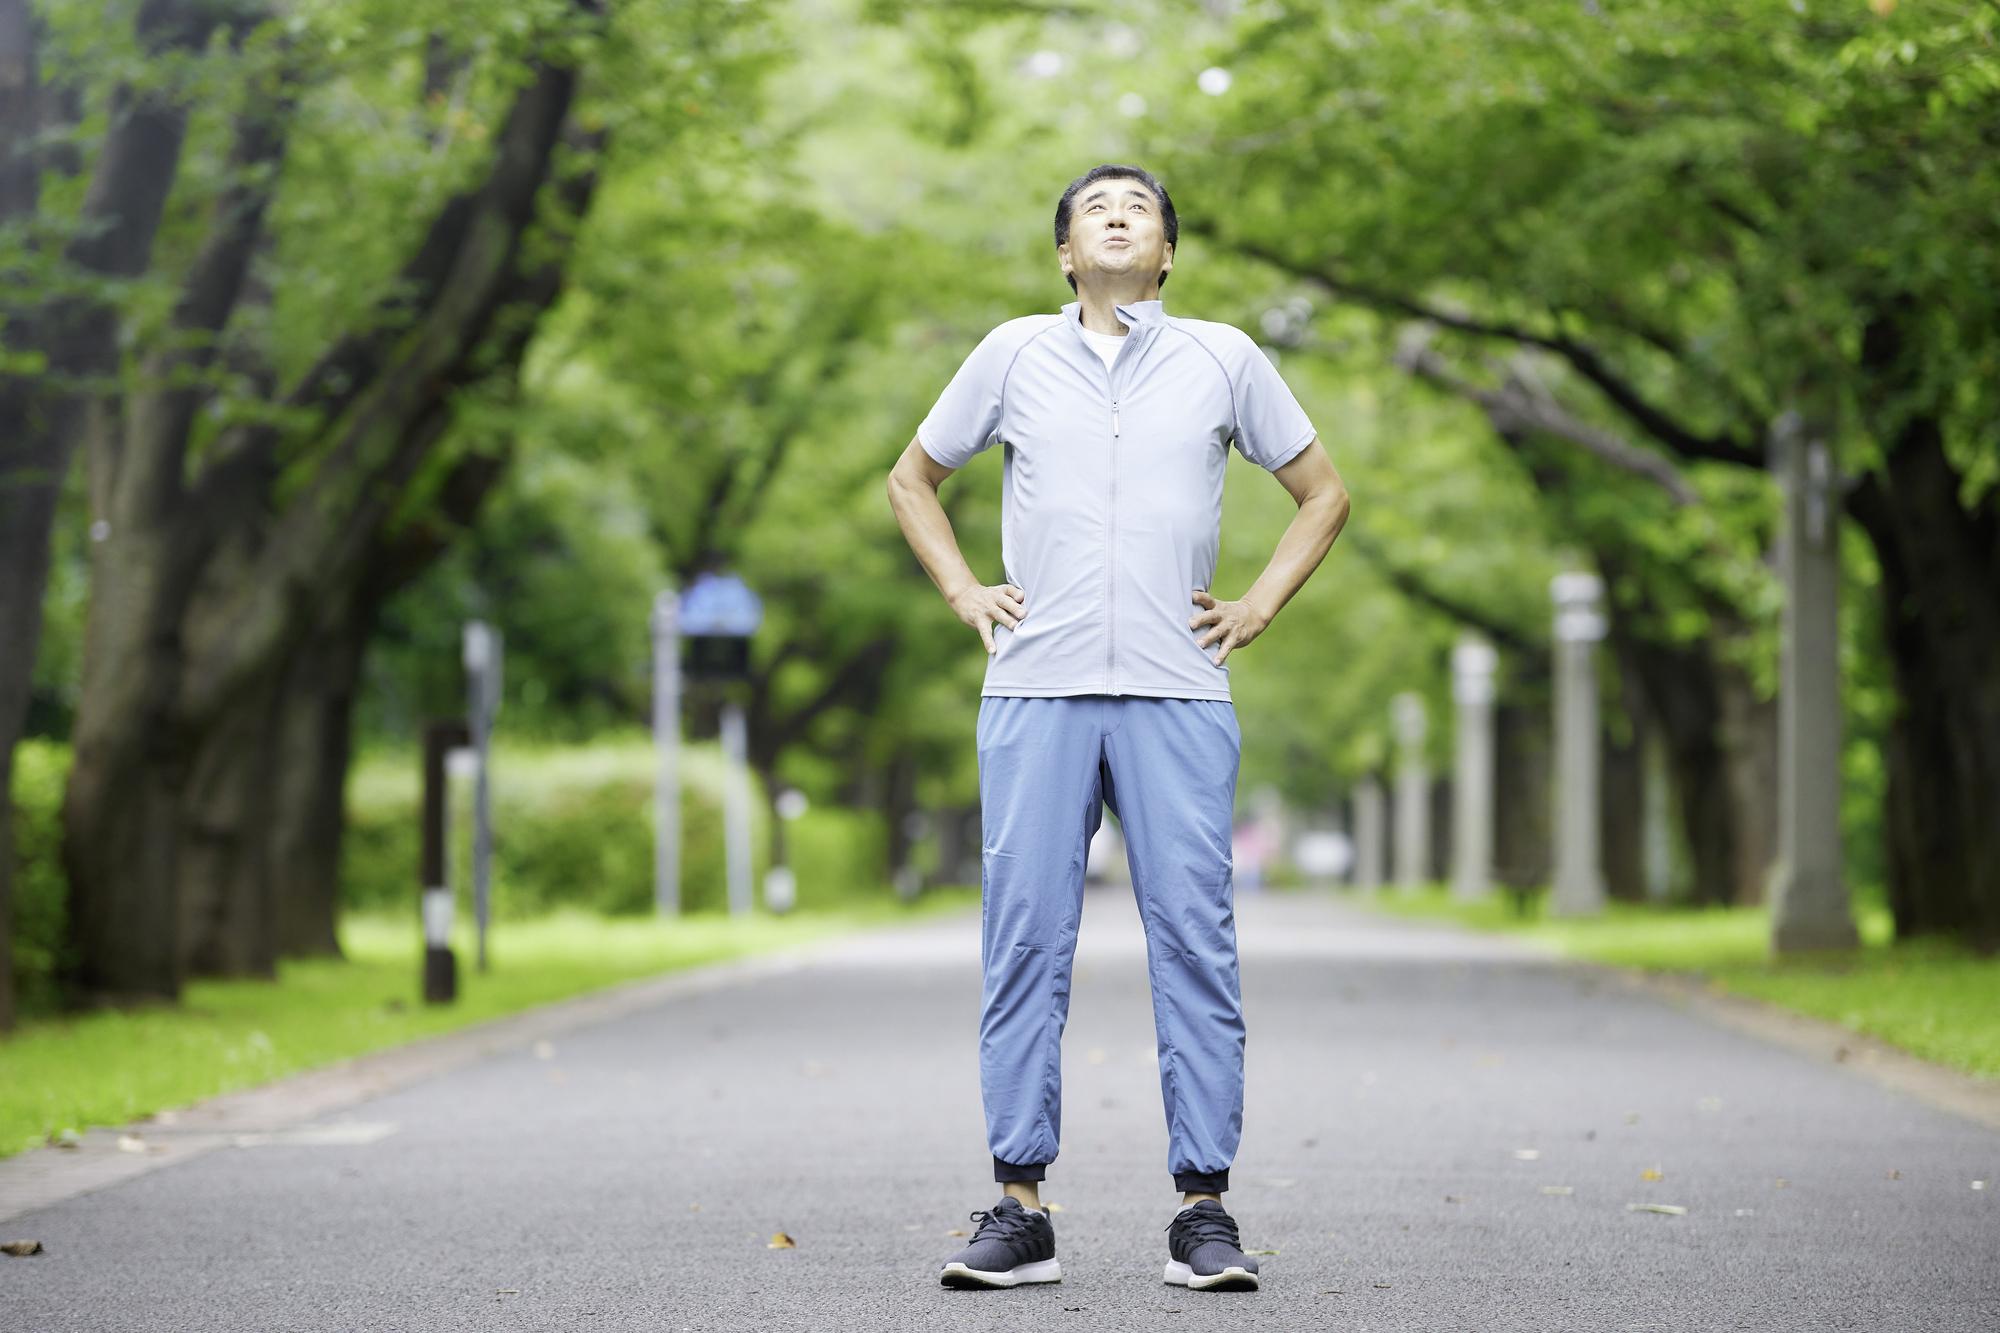 適度な運動が健康の必須事項!